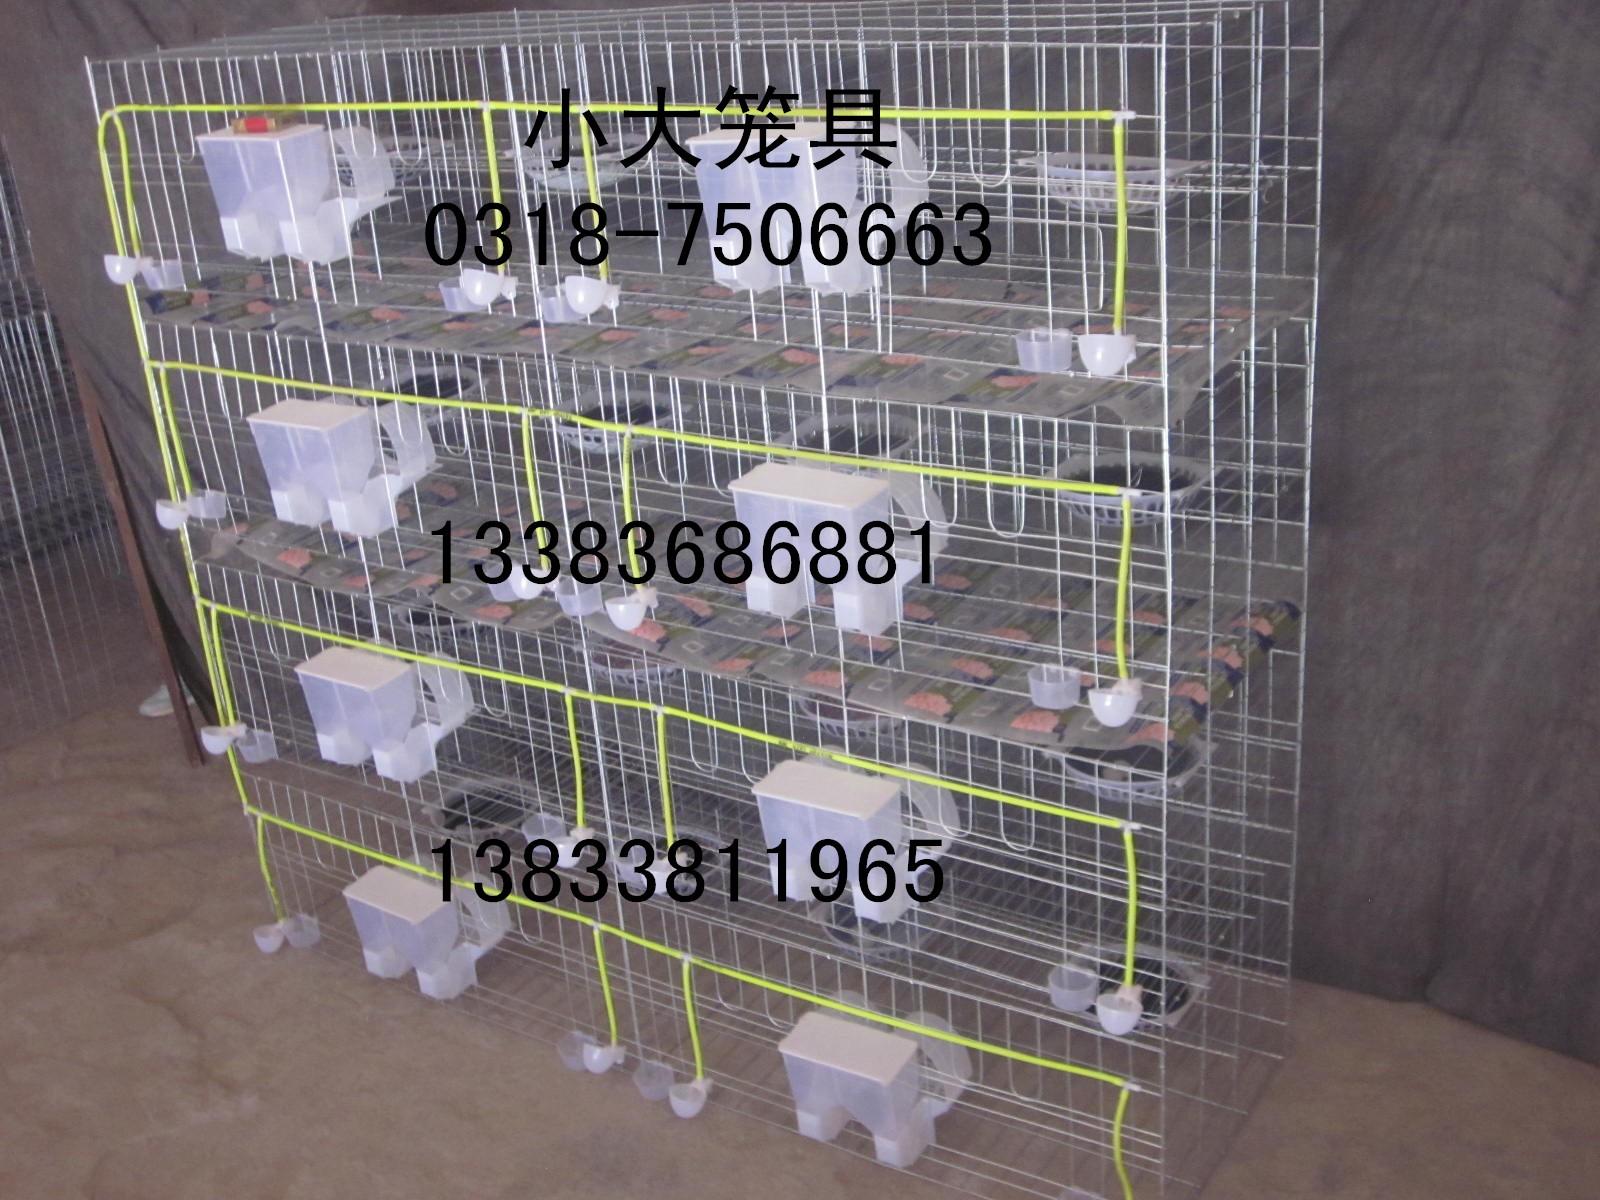 鸡鸽兔笼鹌鹑笼鹧鸪笼鸽子笼兔子笼狐狸笼宠物笼鸡笼鸽笼兔笼鸟笼